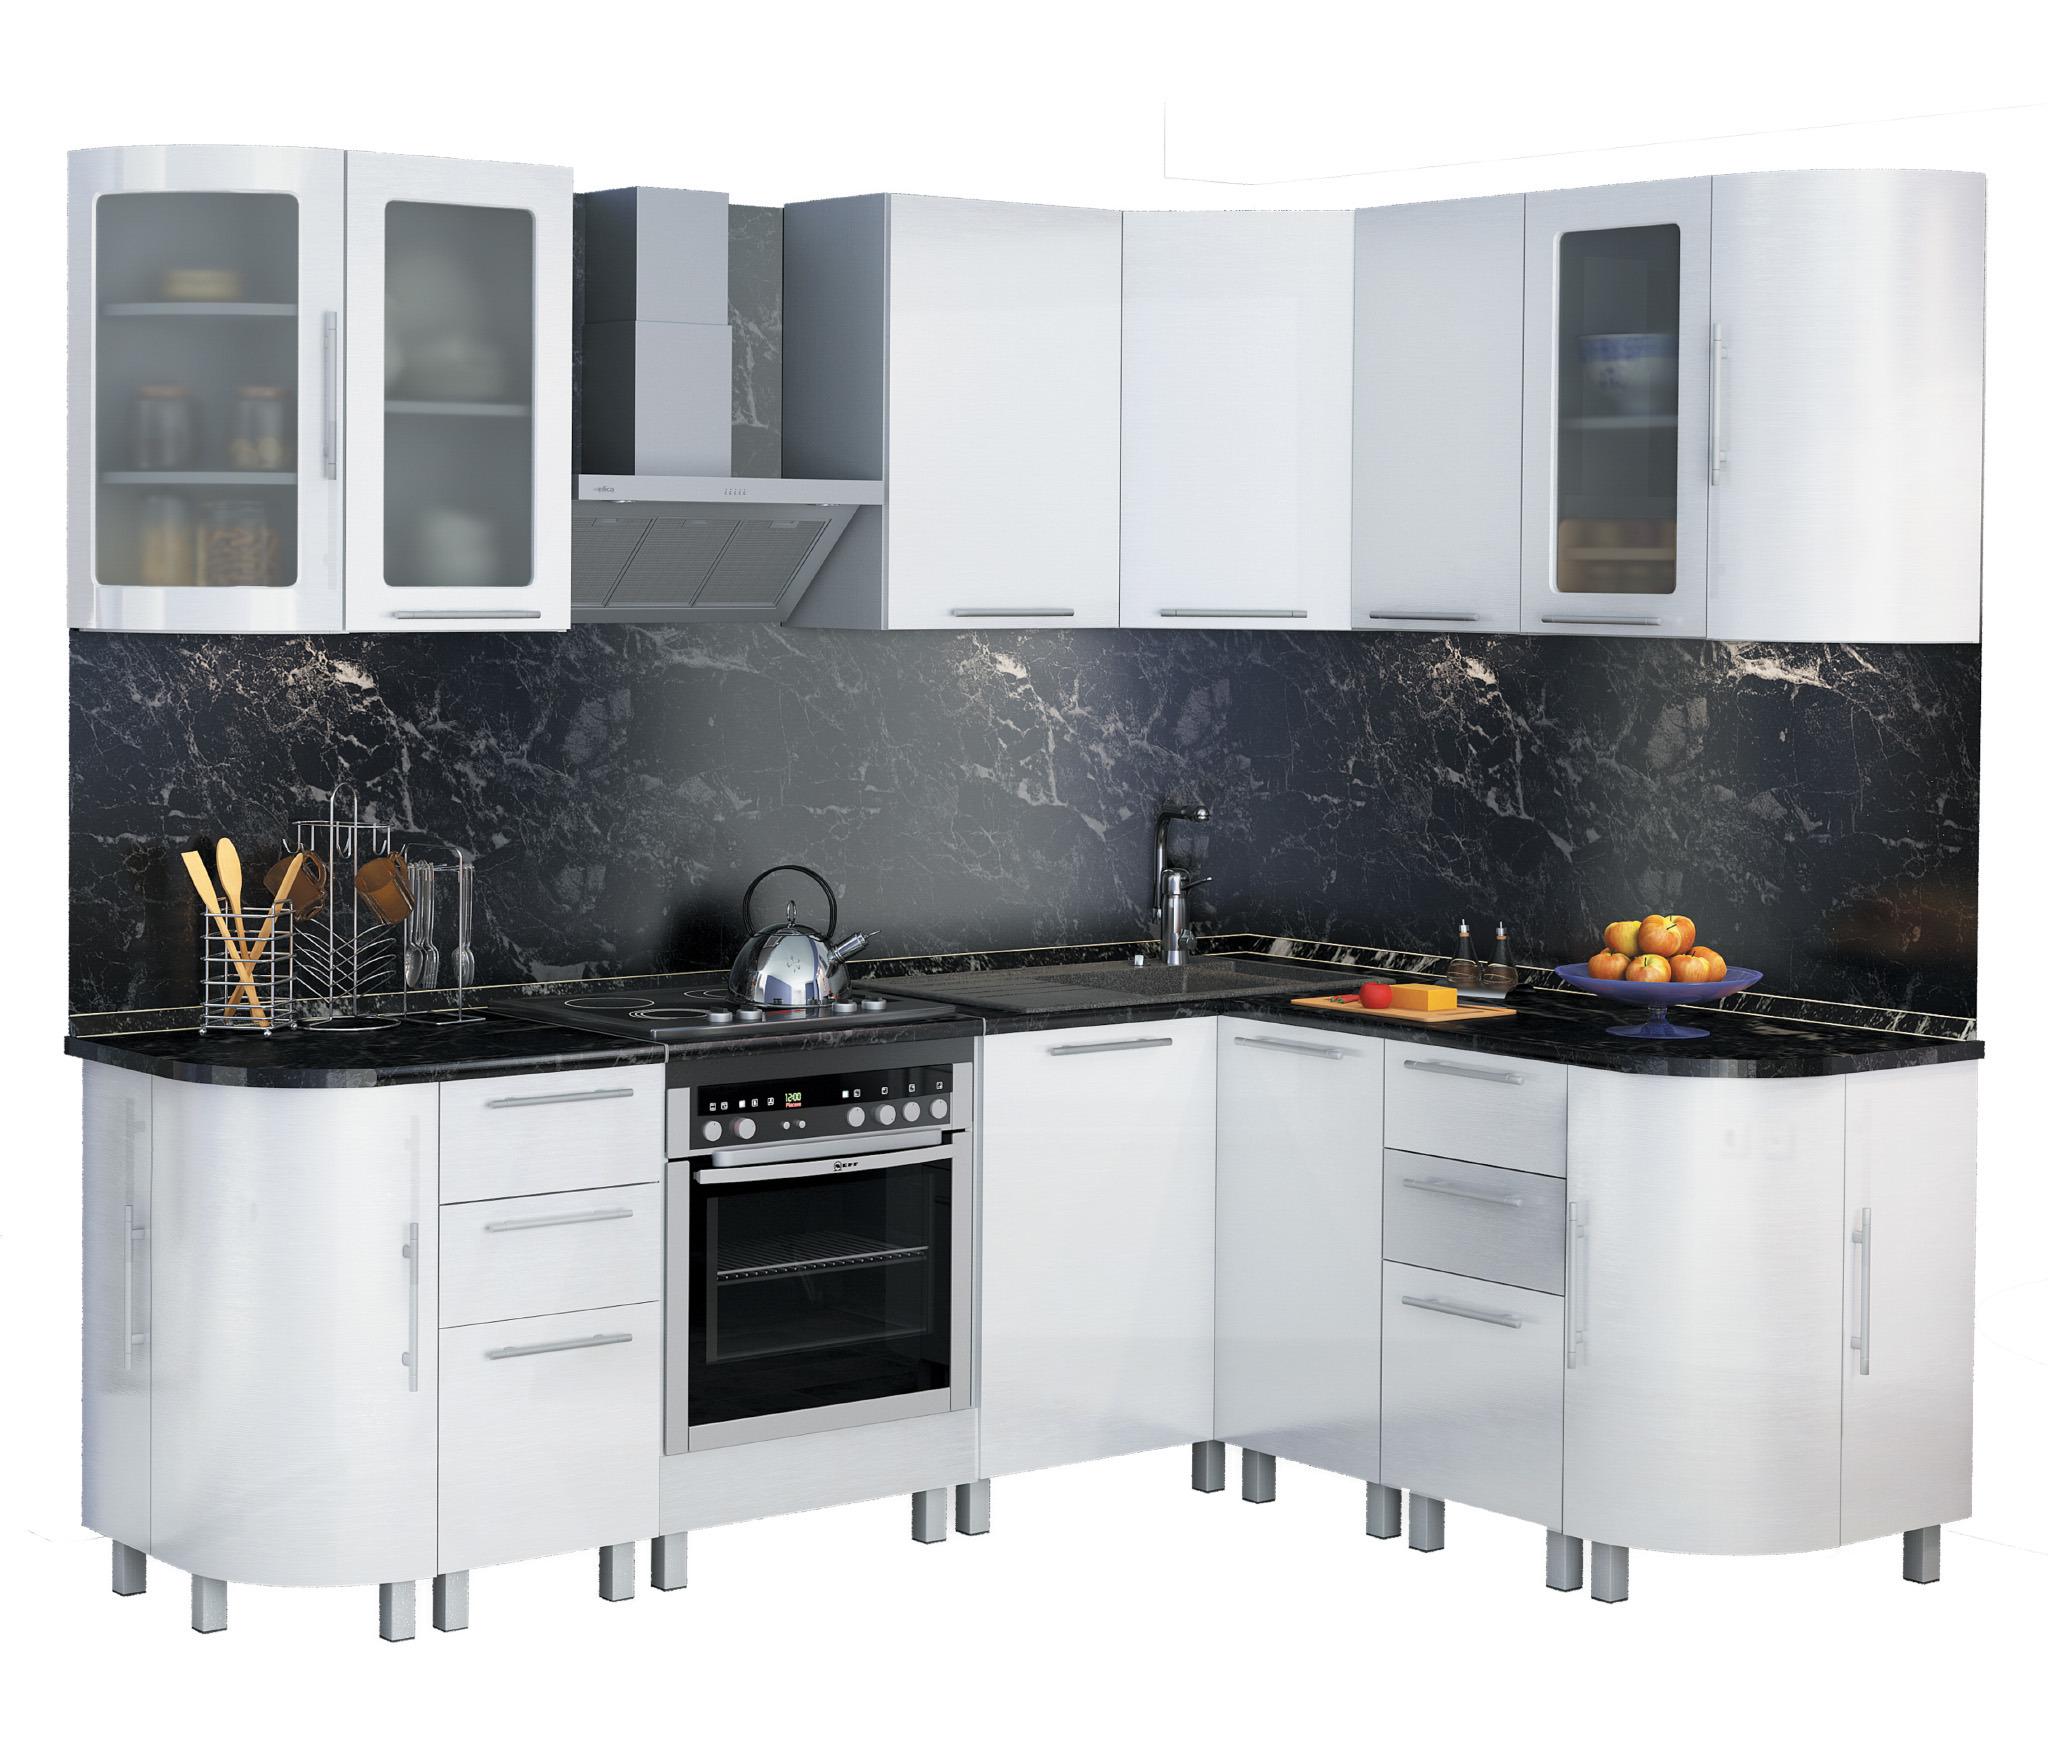 Анна Кухня угловая 2400*1700 Белый глянецКухонные гарнитуры<br><br><br>Длина мм: 0<br>Высота мм: 0<br>Глубина мм: 0